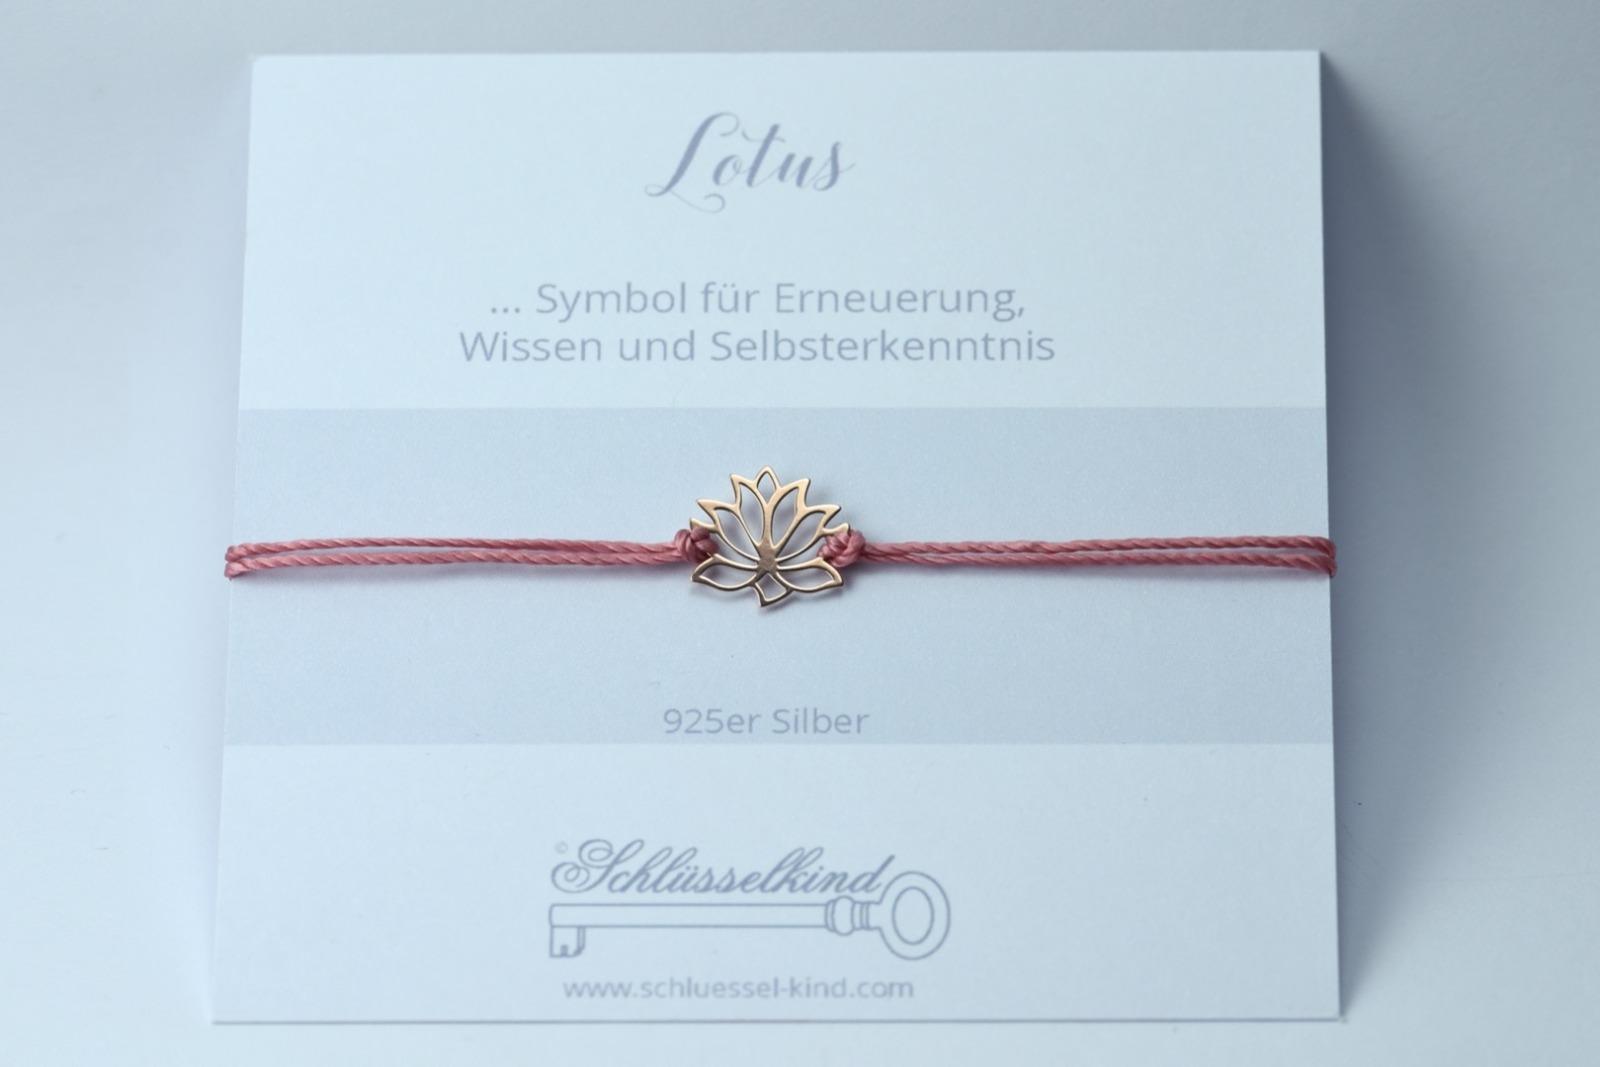 LOTUS Bracelet 925er Silver rosé gold-plated